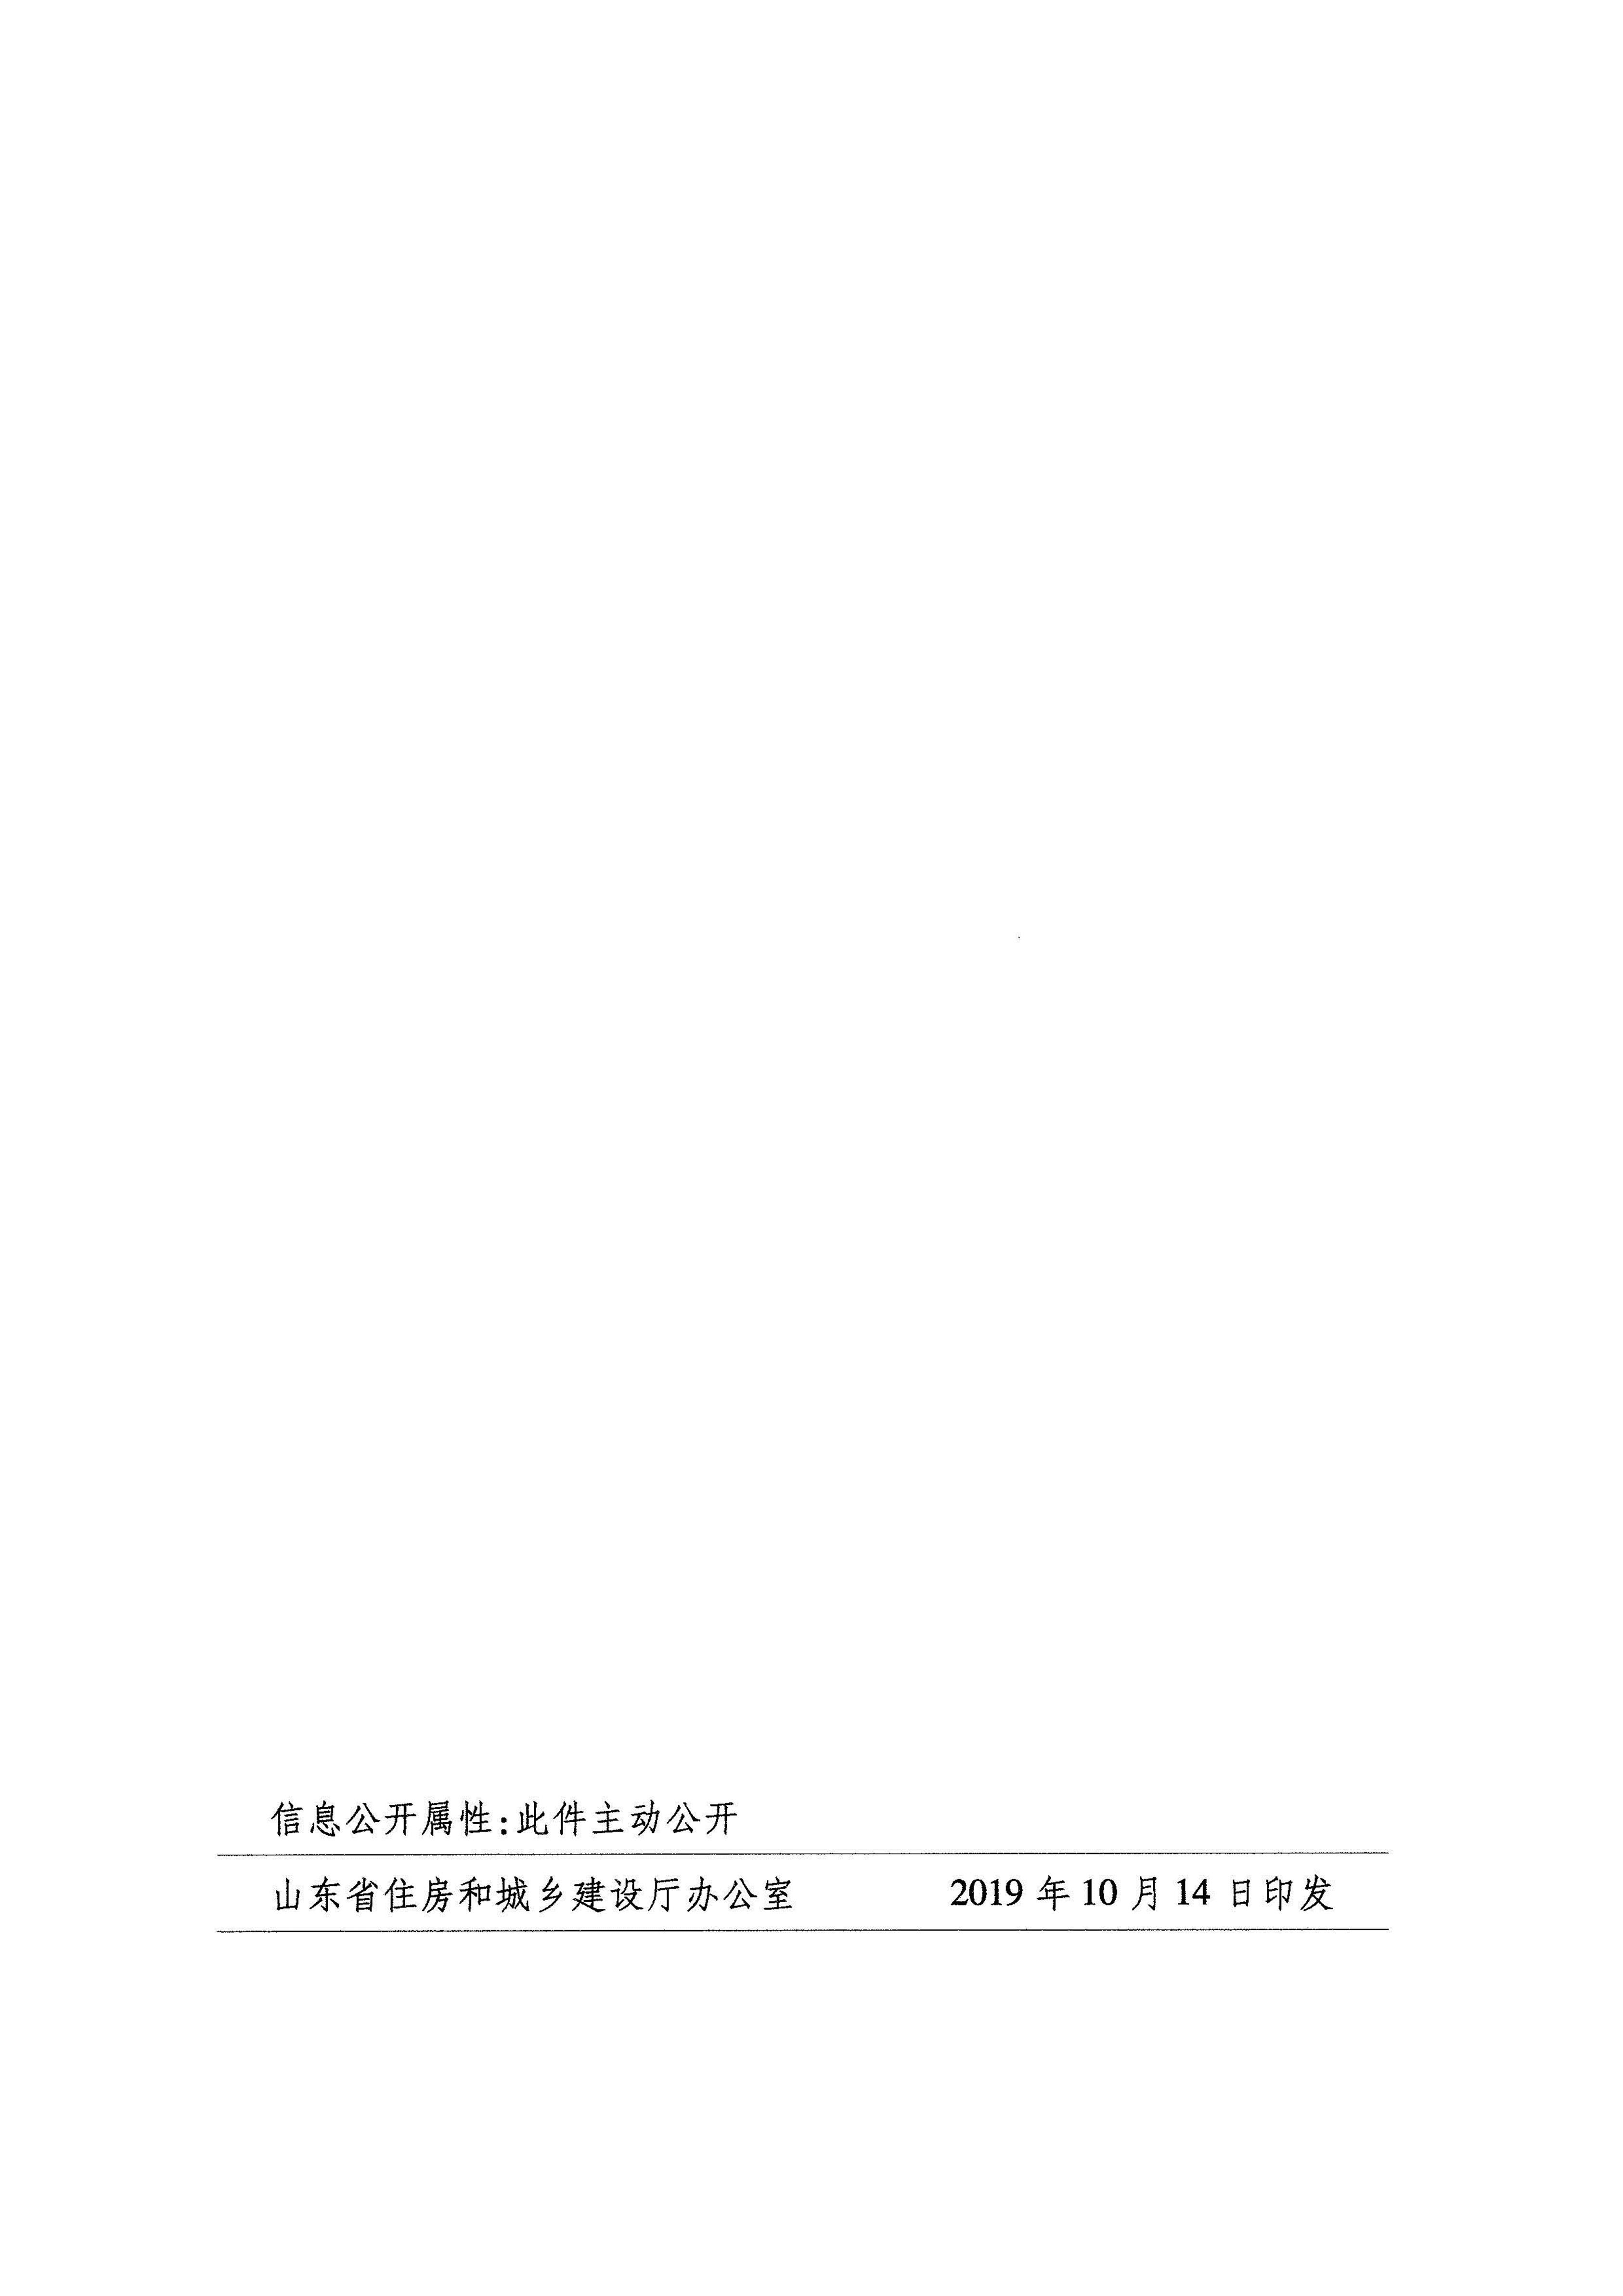 关于进一步加强民用建筑生活热水系统一体化应用管理的通知(鲁建节科字〔2019〕7号)_页面_3.jpg